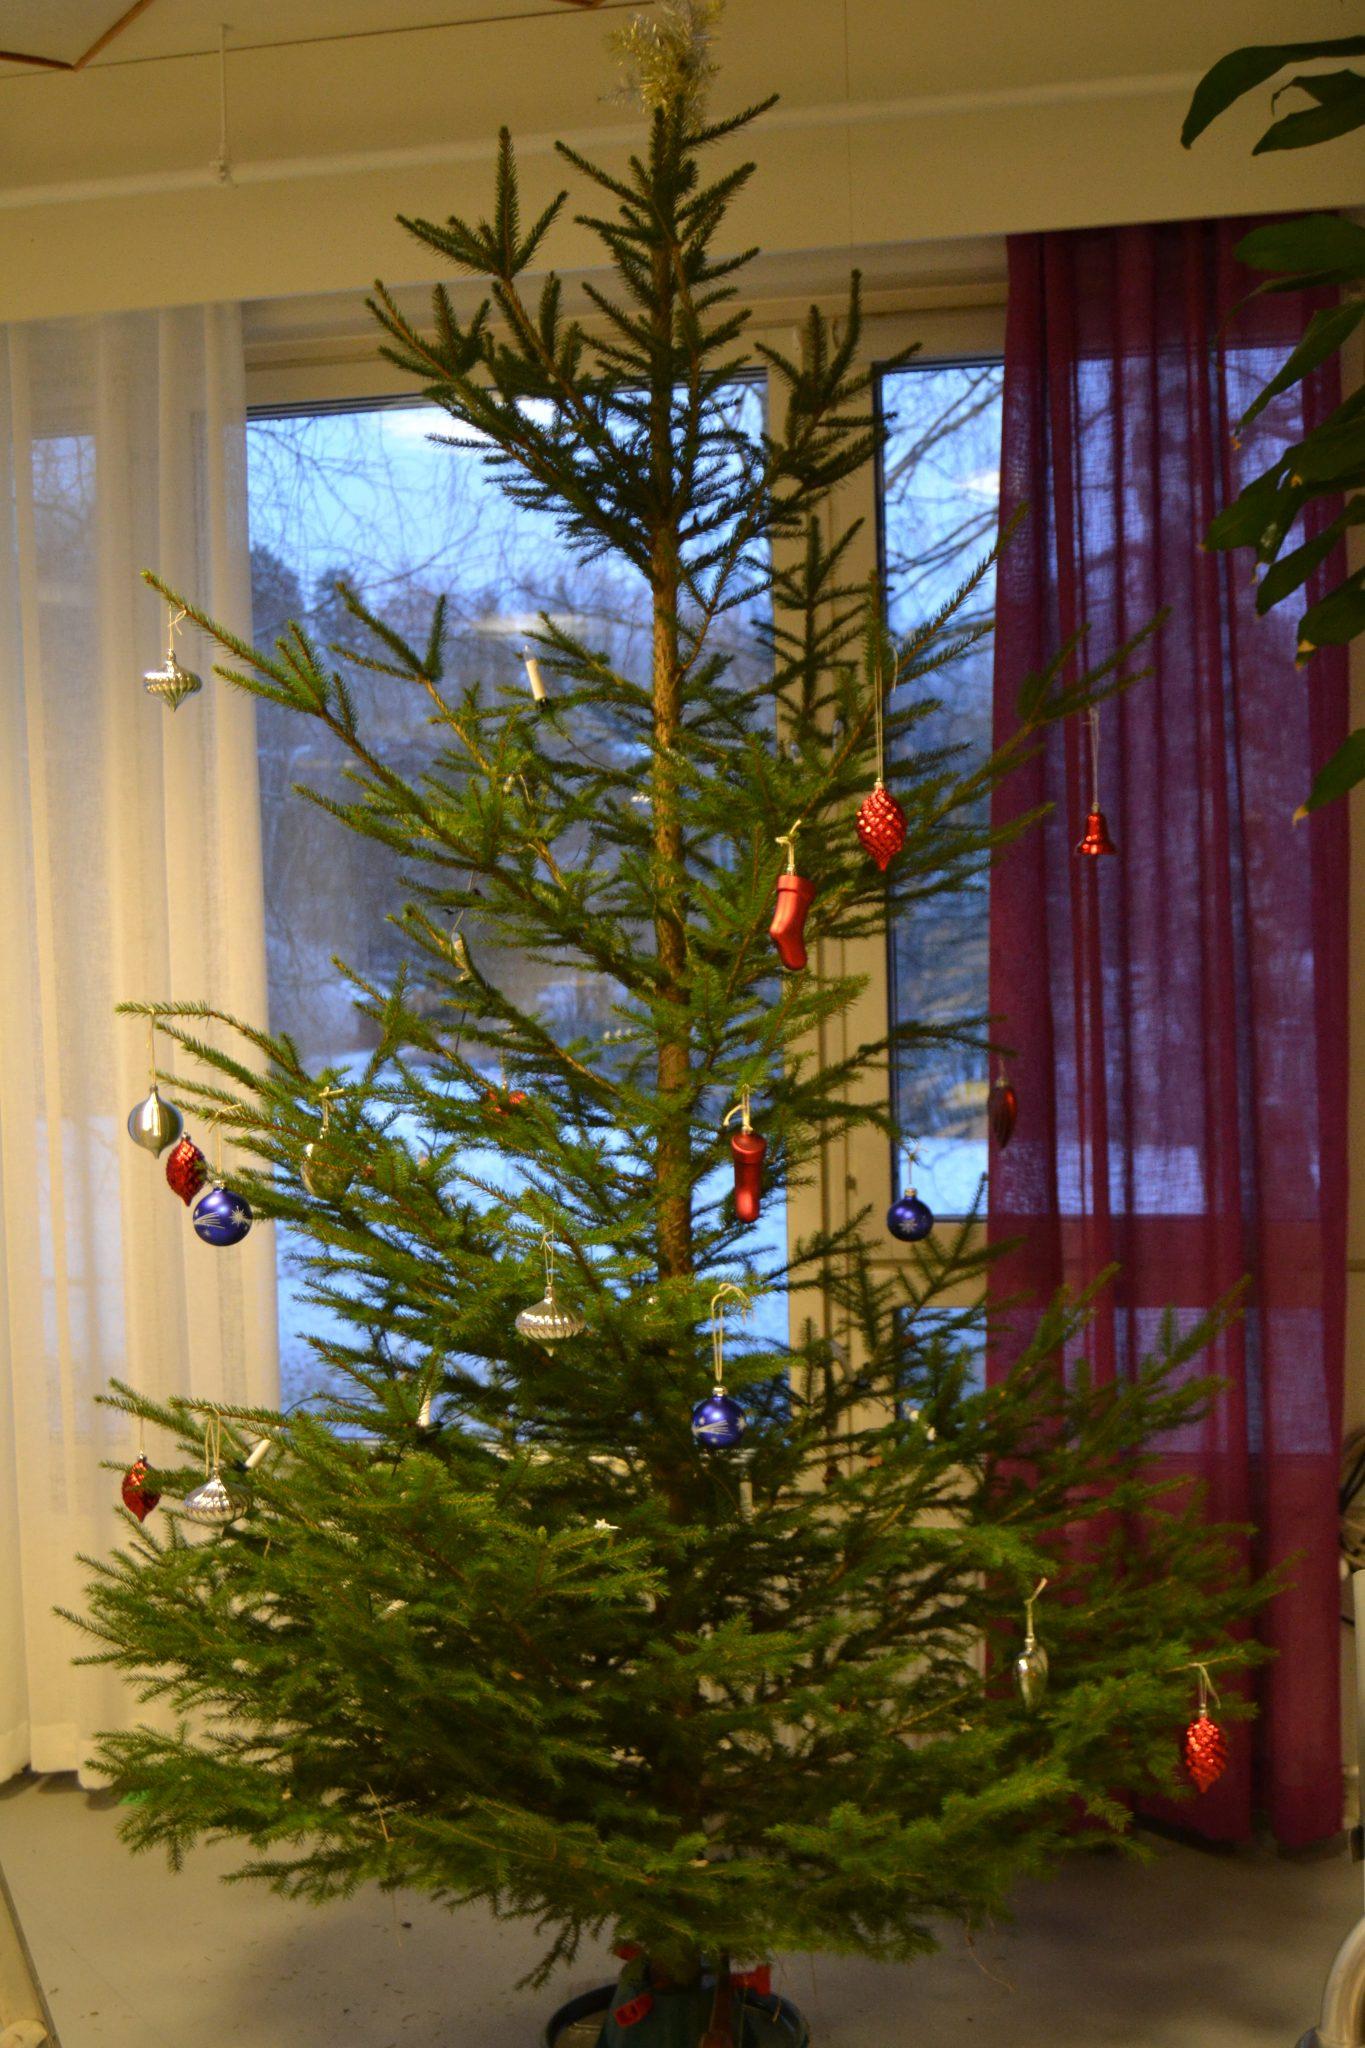 Valmista tuli, joulukuusi sai koristeet